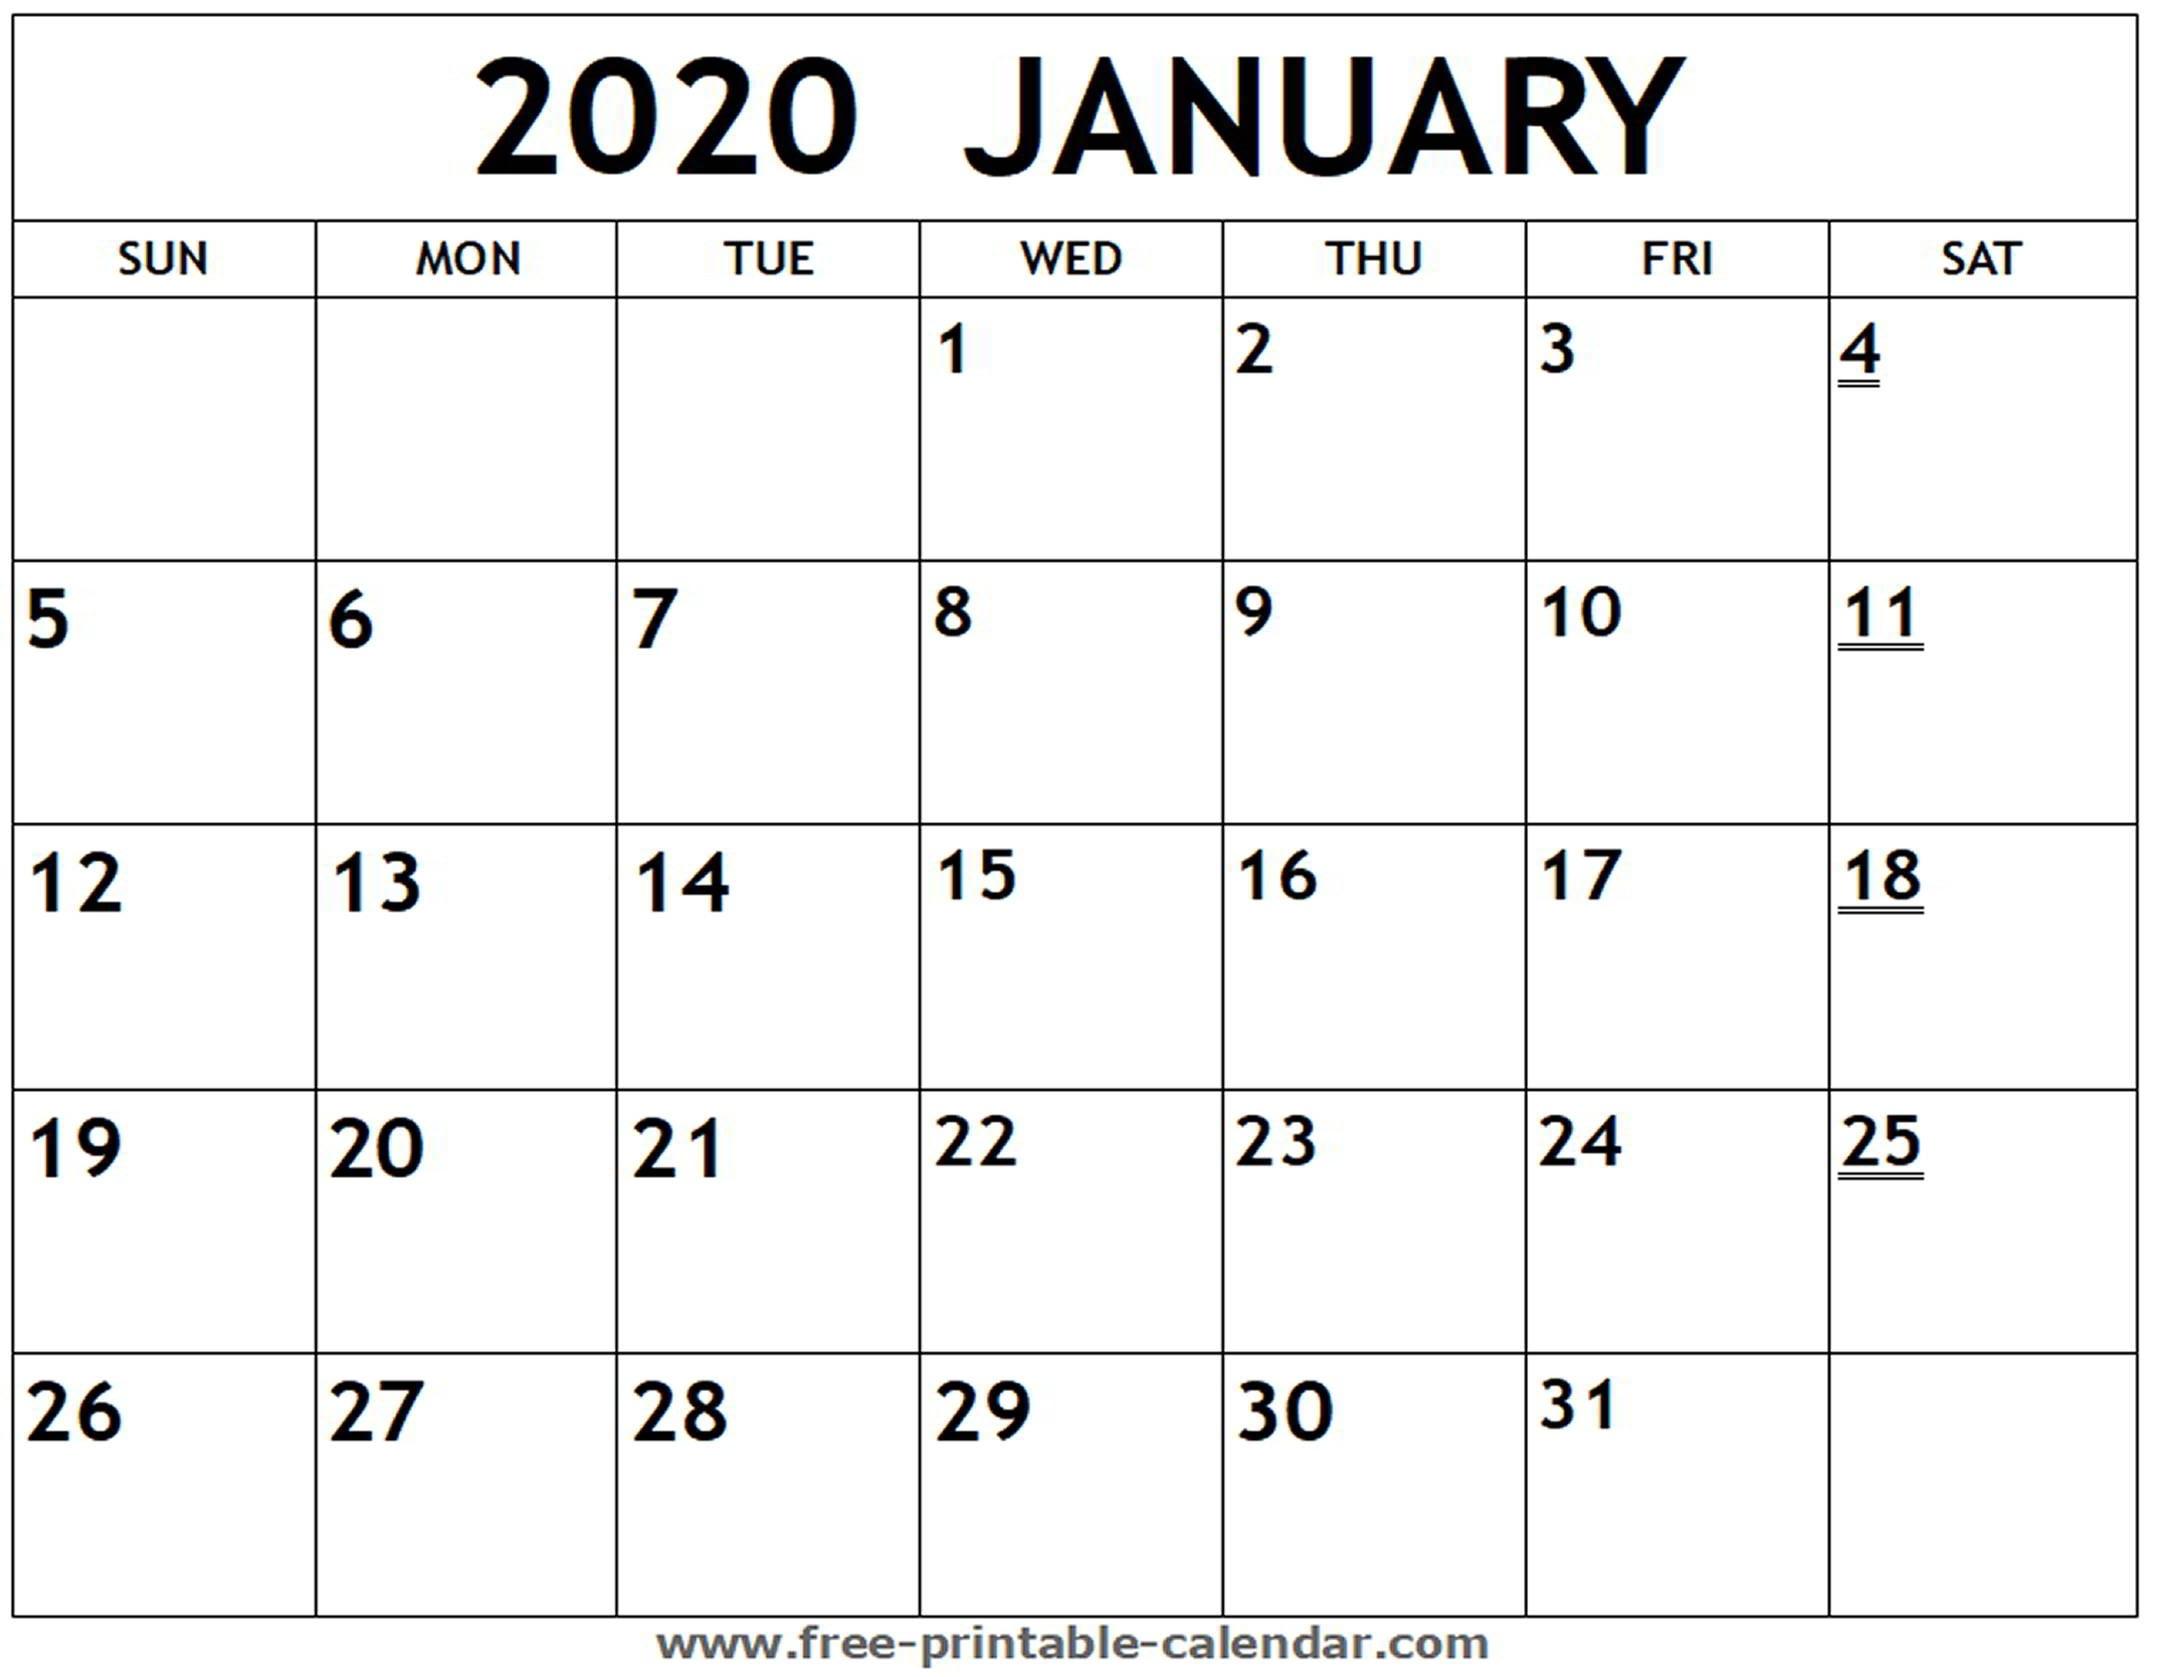 Printable 2020 January Calendar - Free-Printable-Calendar  Free Printable Calendar 2020 Monthly